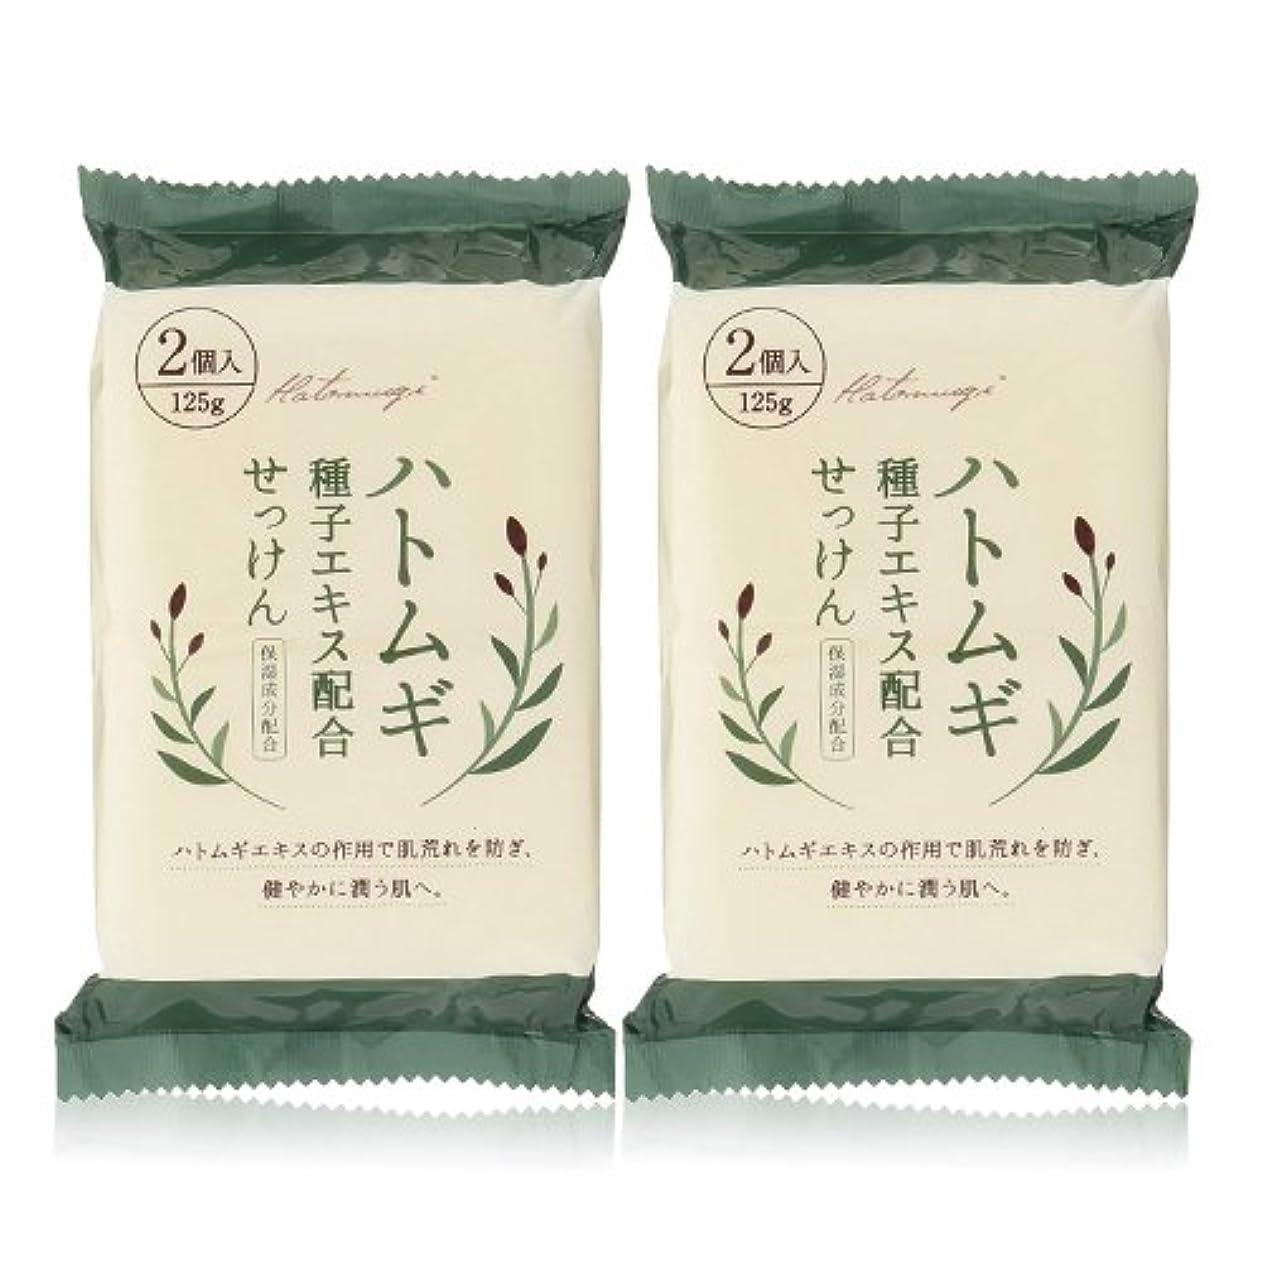 愛撫話骨折ハトムギ種子エキス配合石けん 125g(2コ入)×2個セット(計4個)